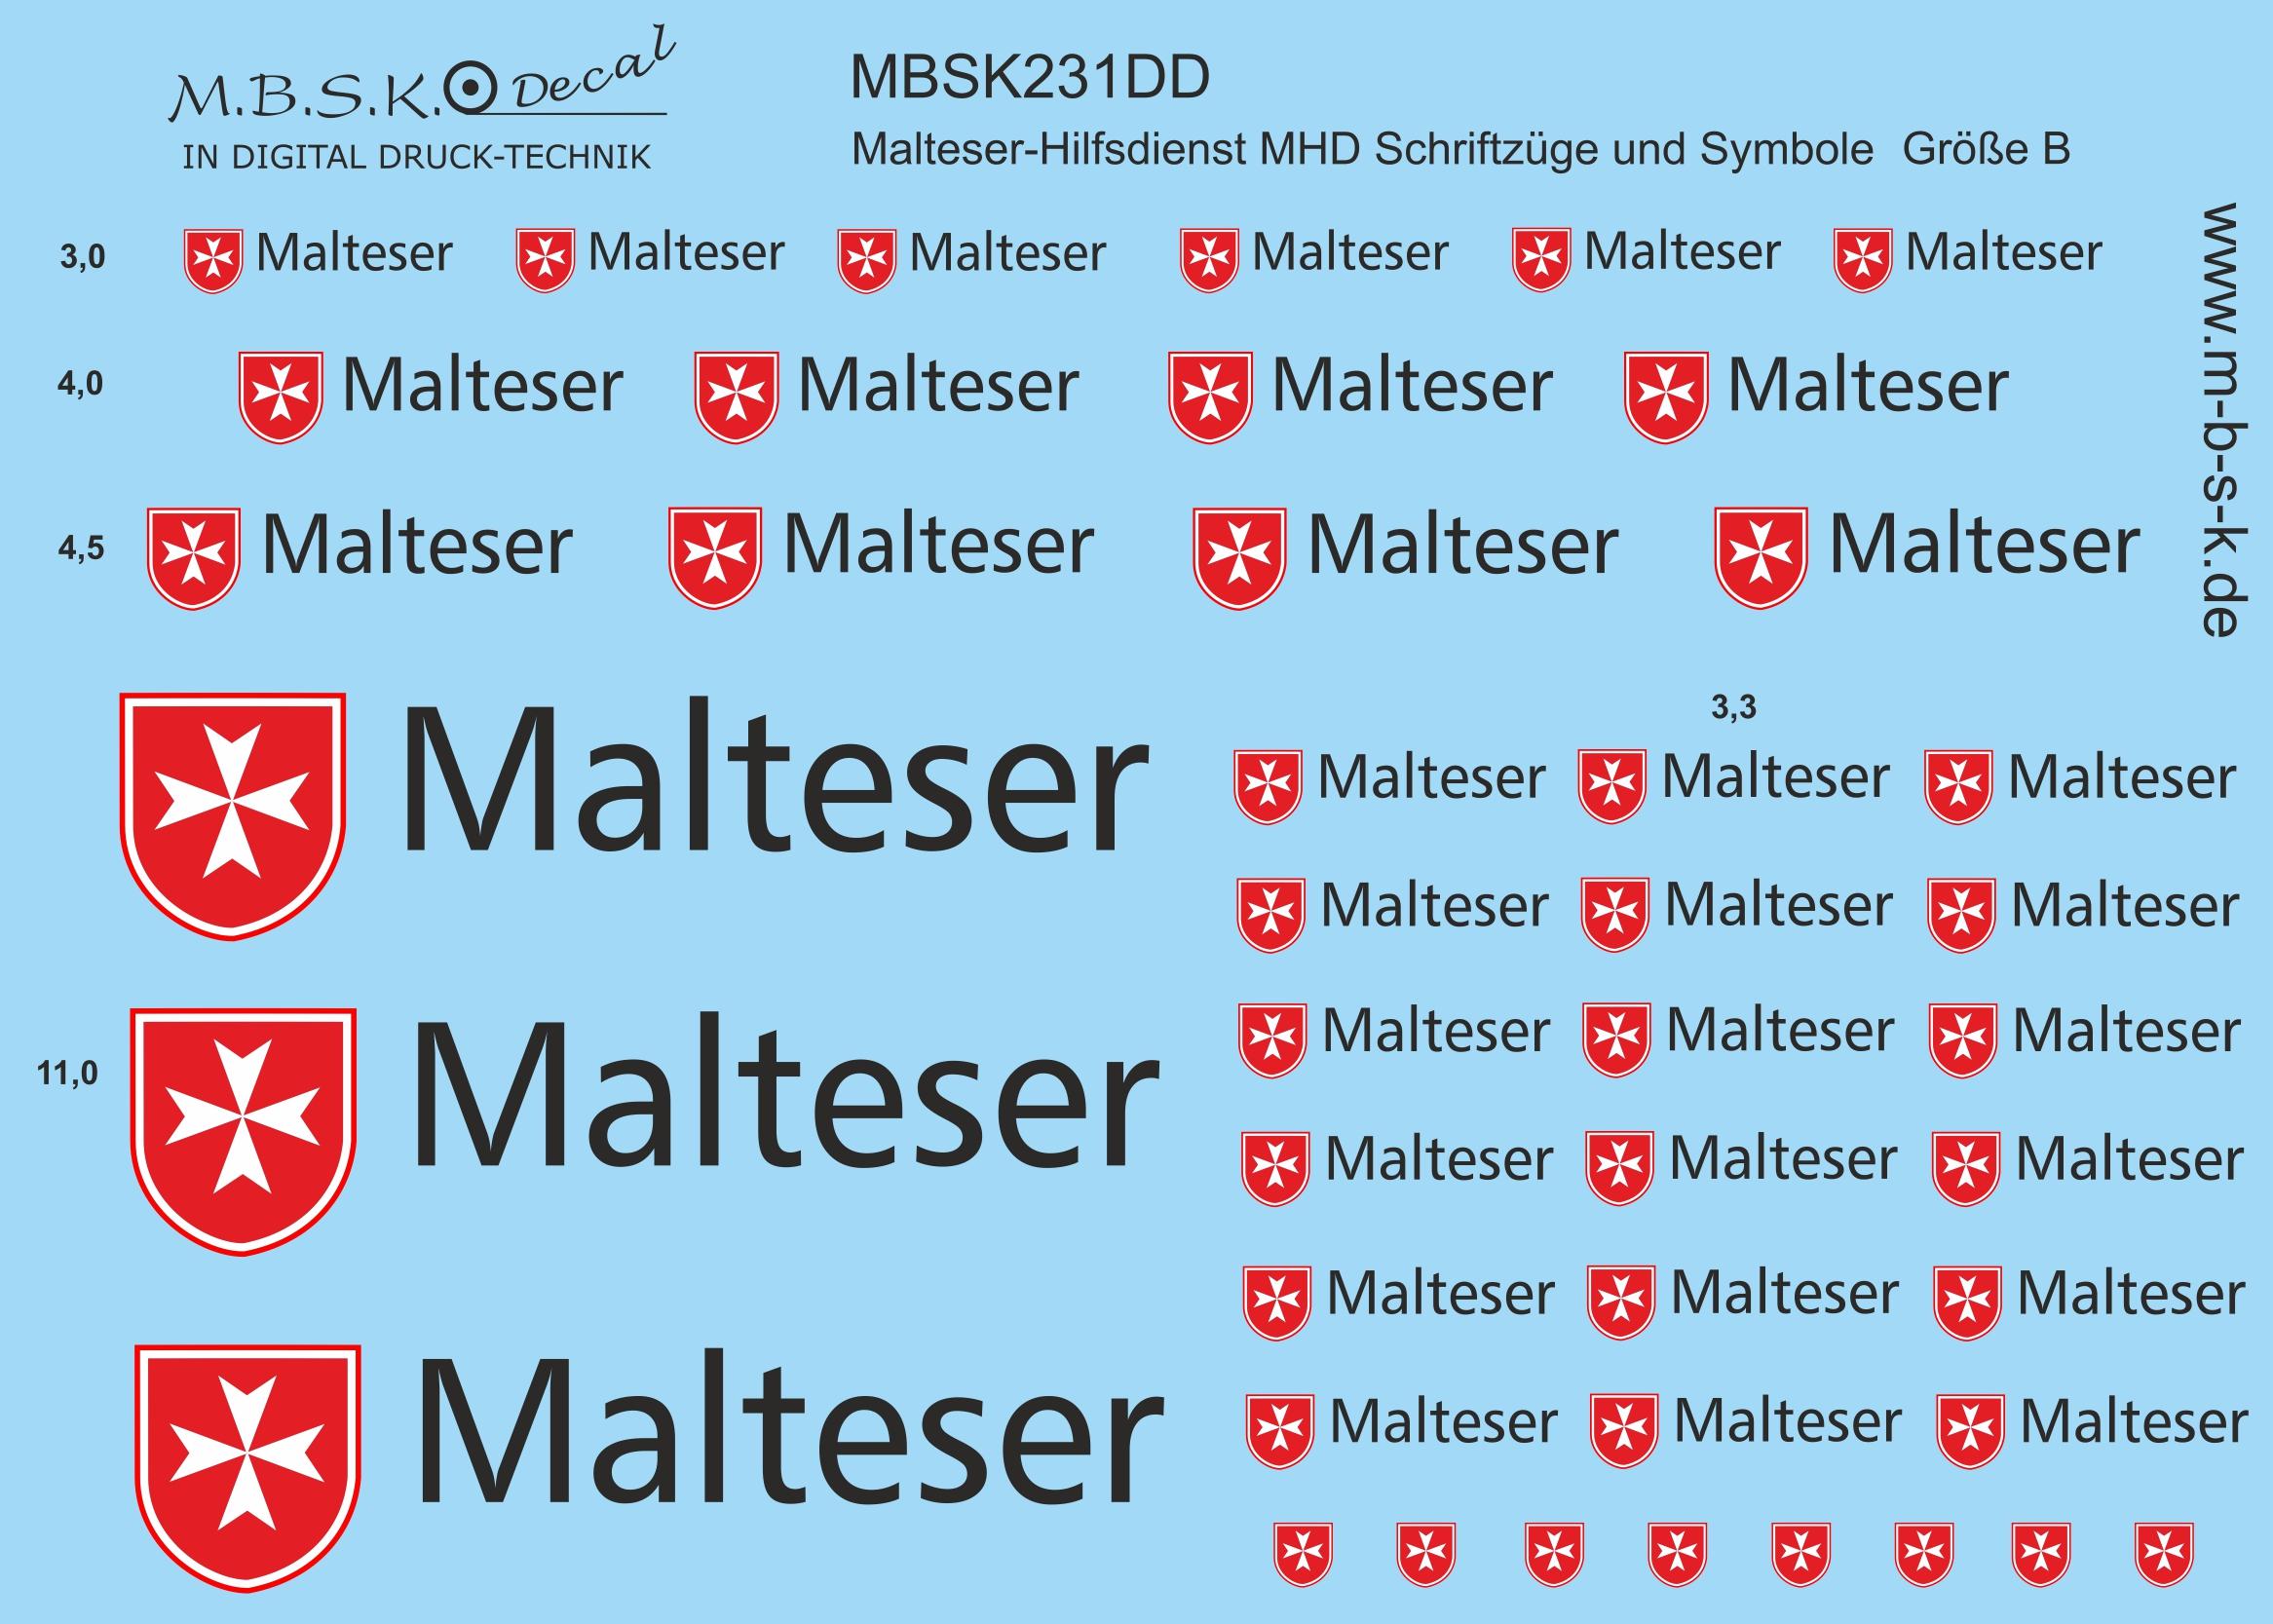 MBSK Modellbau Studio Kaiserberg - Schriftzüge-Symbole Malteser ...